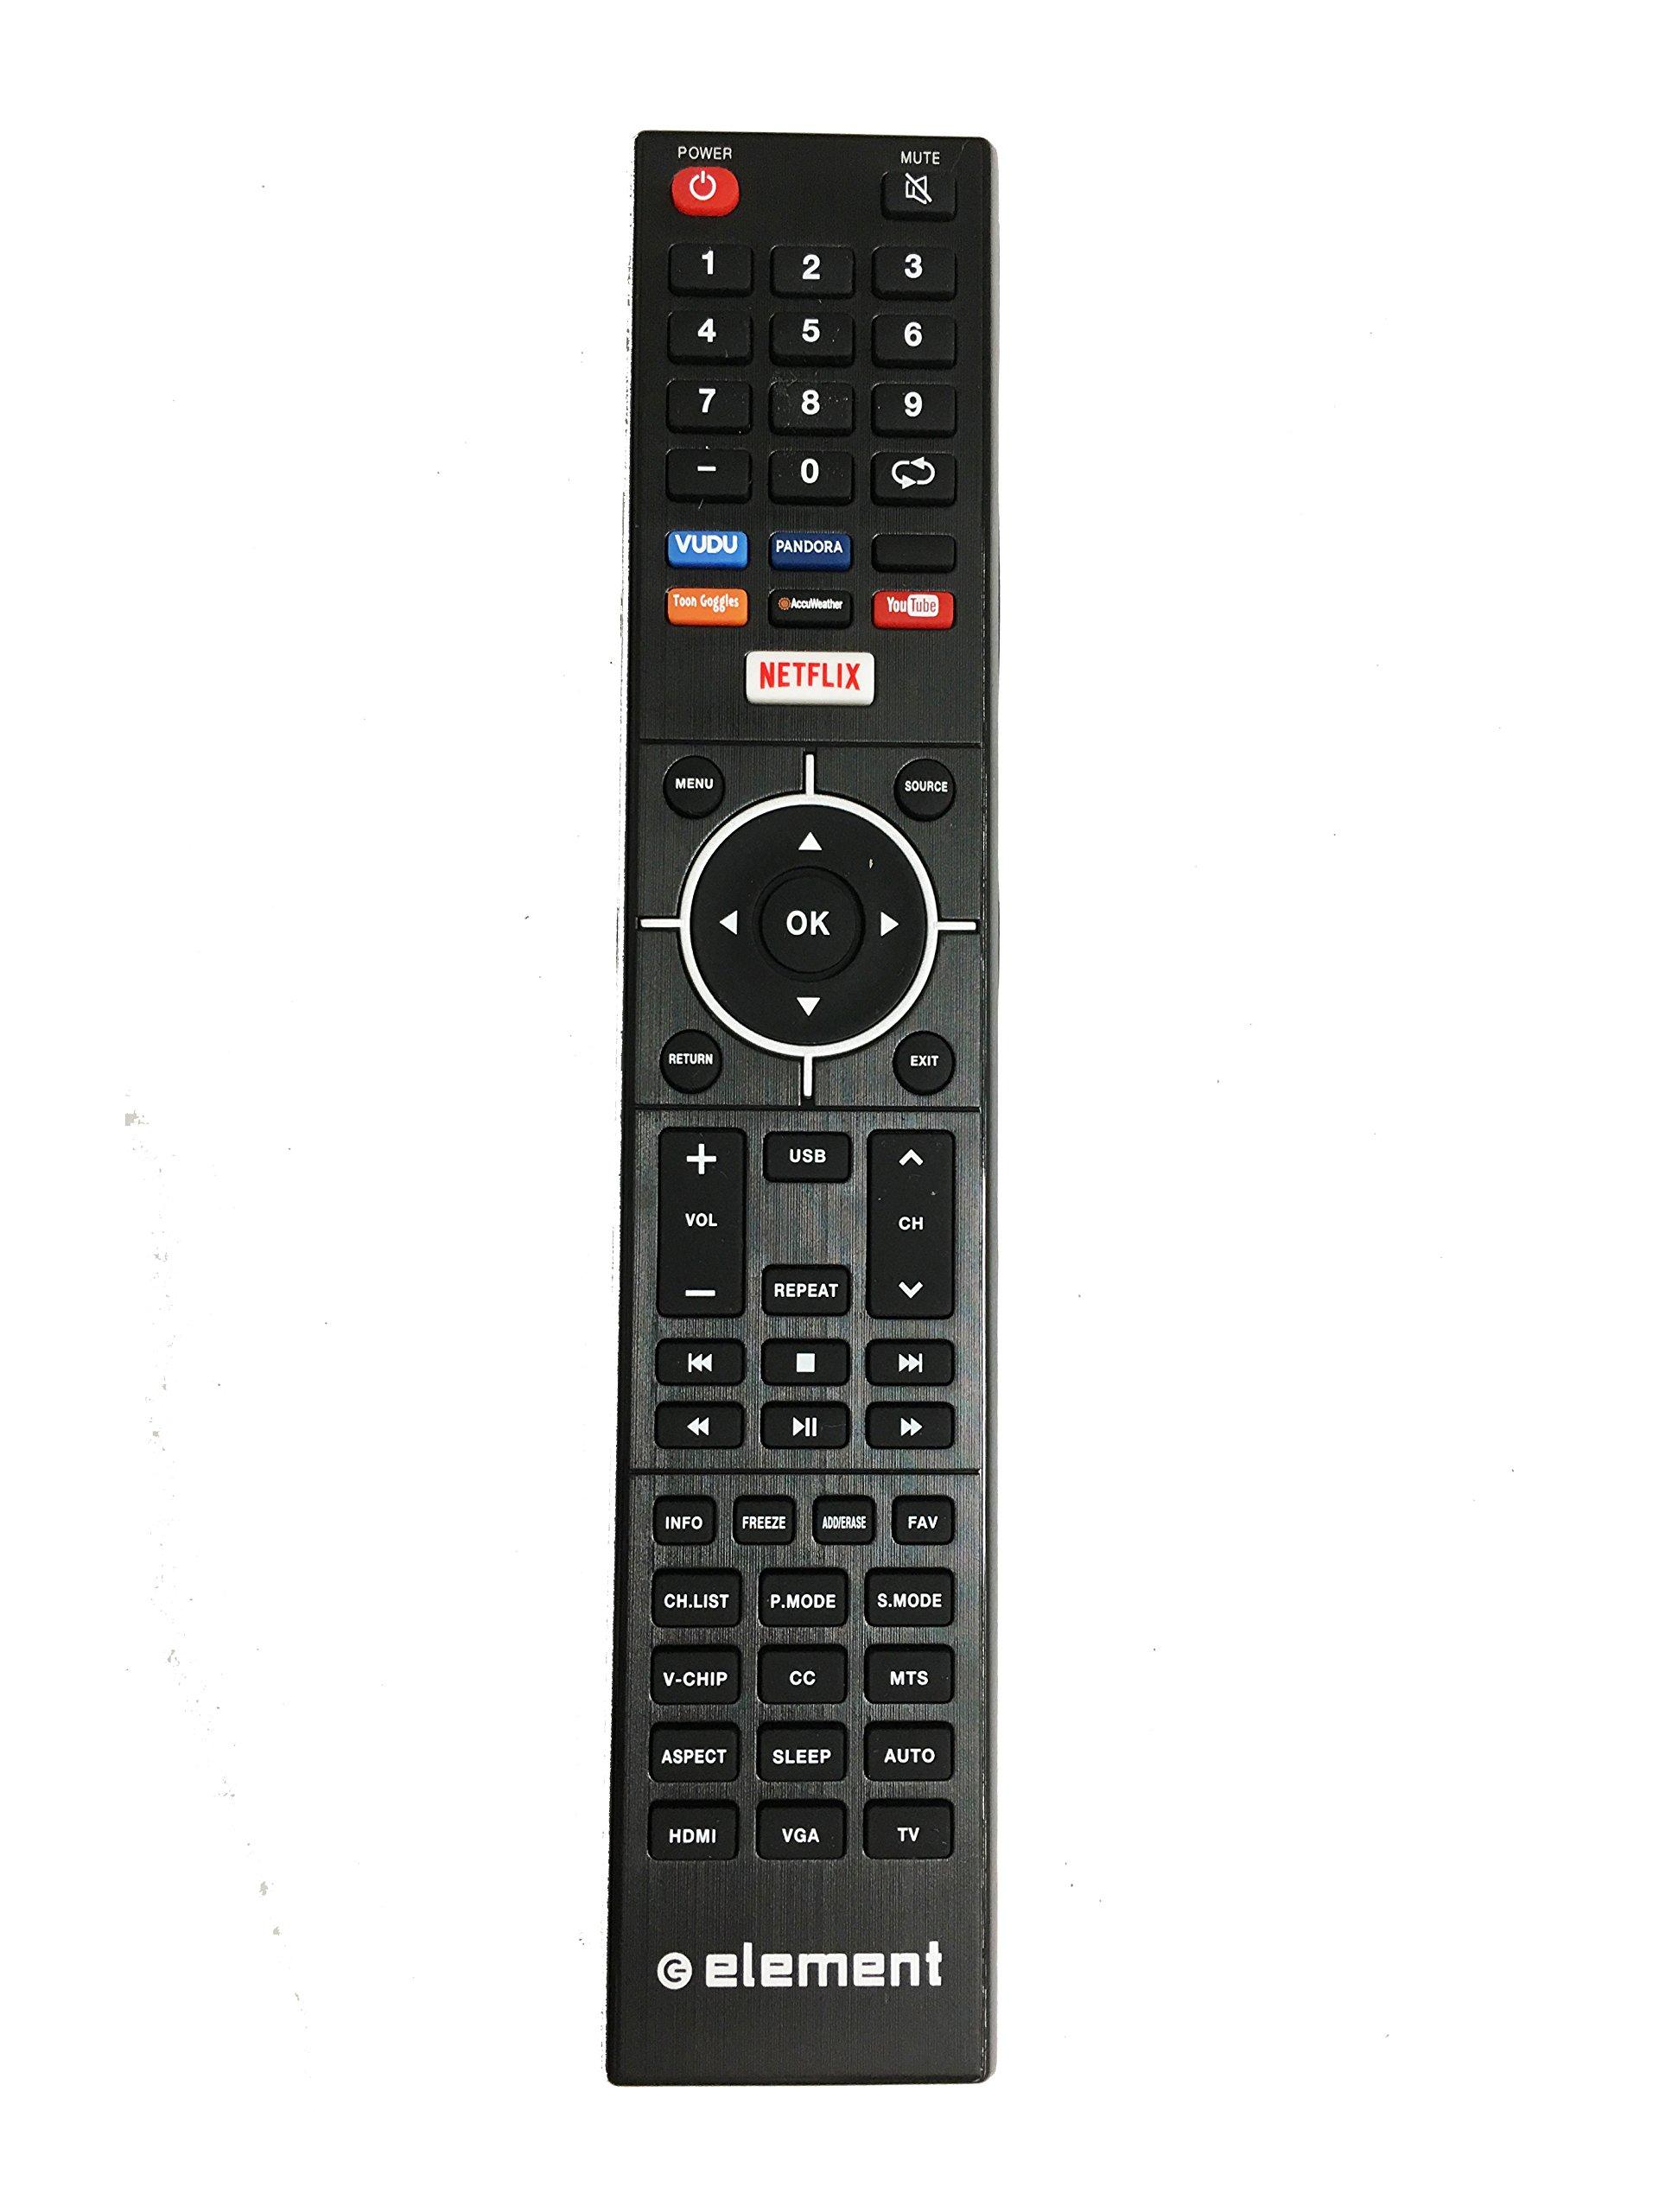 NEW Genuine Element Smart TV Remote Control for ELSJ4016, ELST5016S, ELEFJ322S, ELST4316S, ELST3216H, E4SFC551, E4SFC421, E4SFC651, E4SJ5516H, E4ST4316H